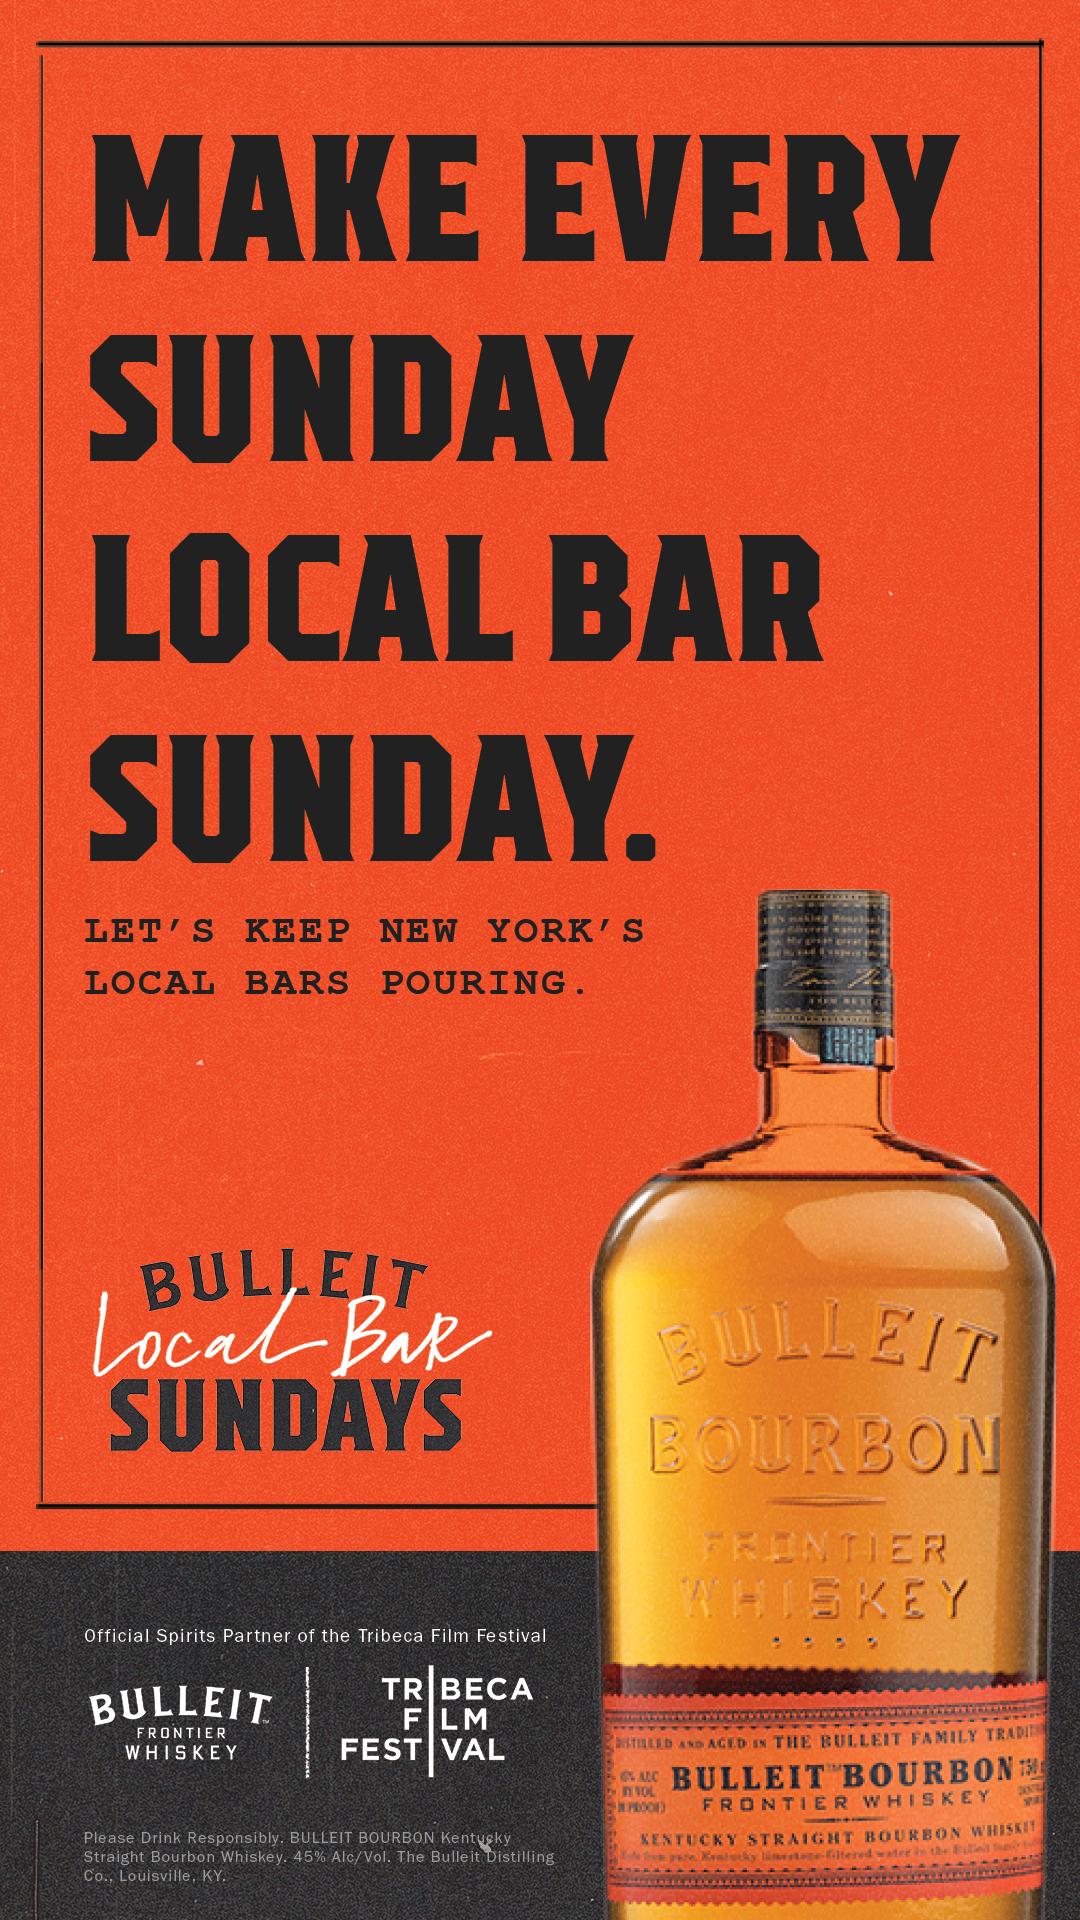 MAKE EVERY SUNDAY LOCAL BAR SUNDAY.